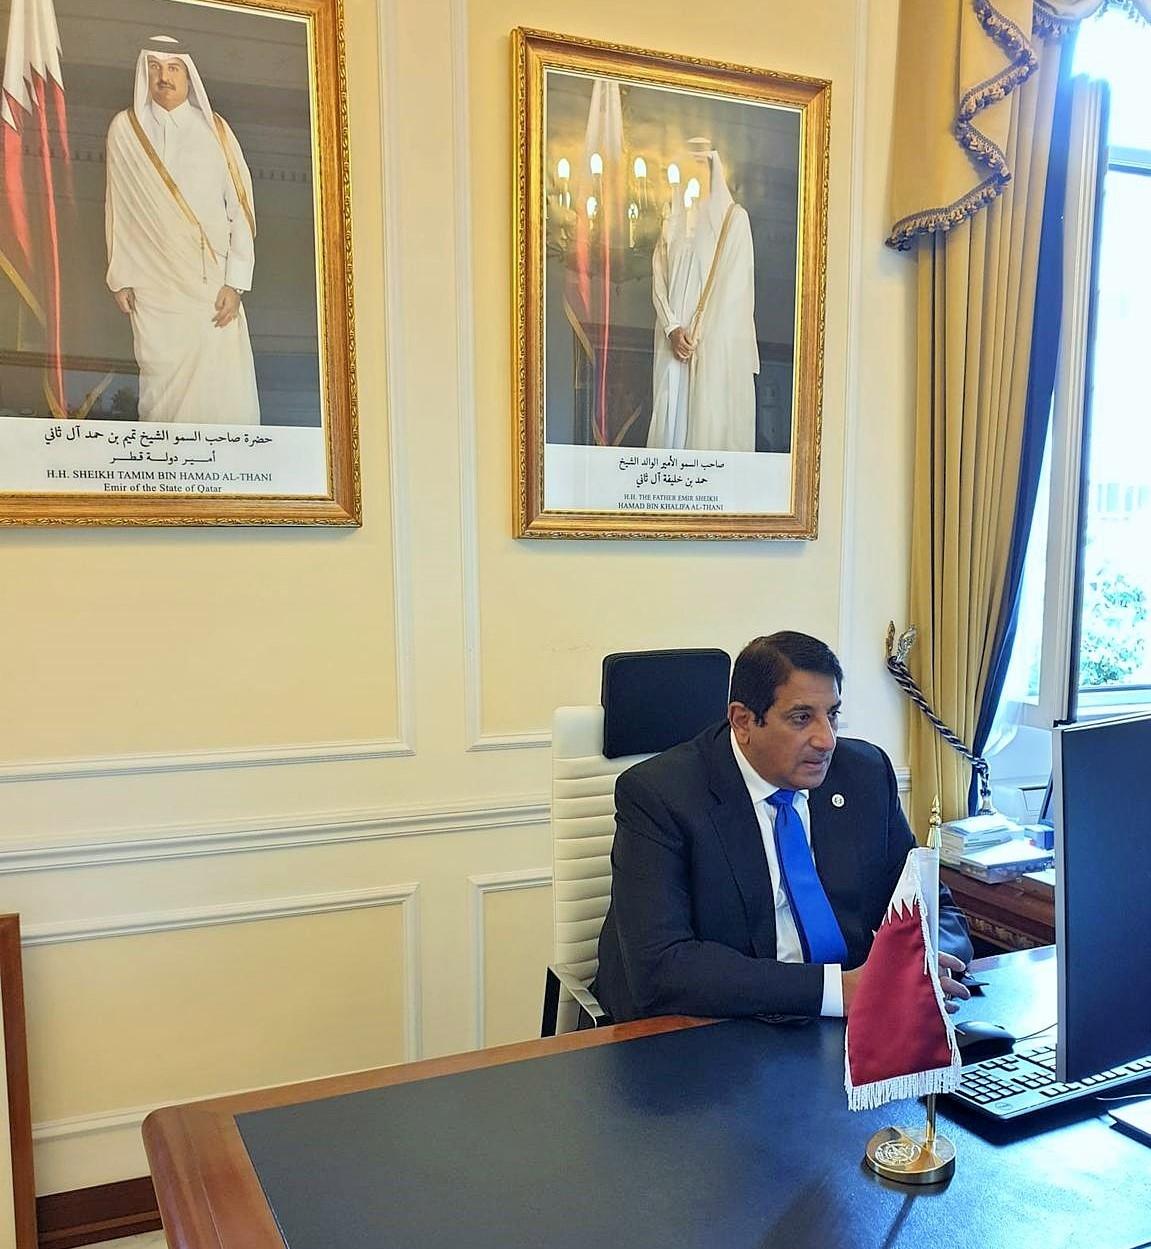 الأمين العام لوزارة الخارجية الإيطالية تجتمع مع سفير دولة قطر